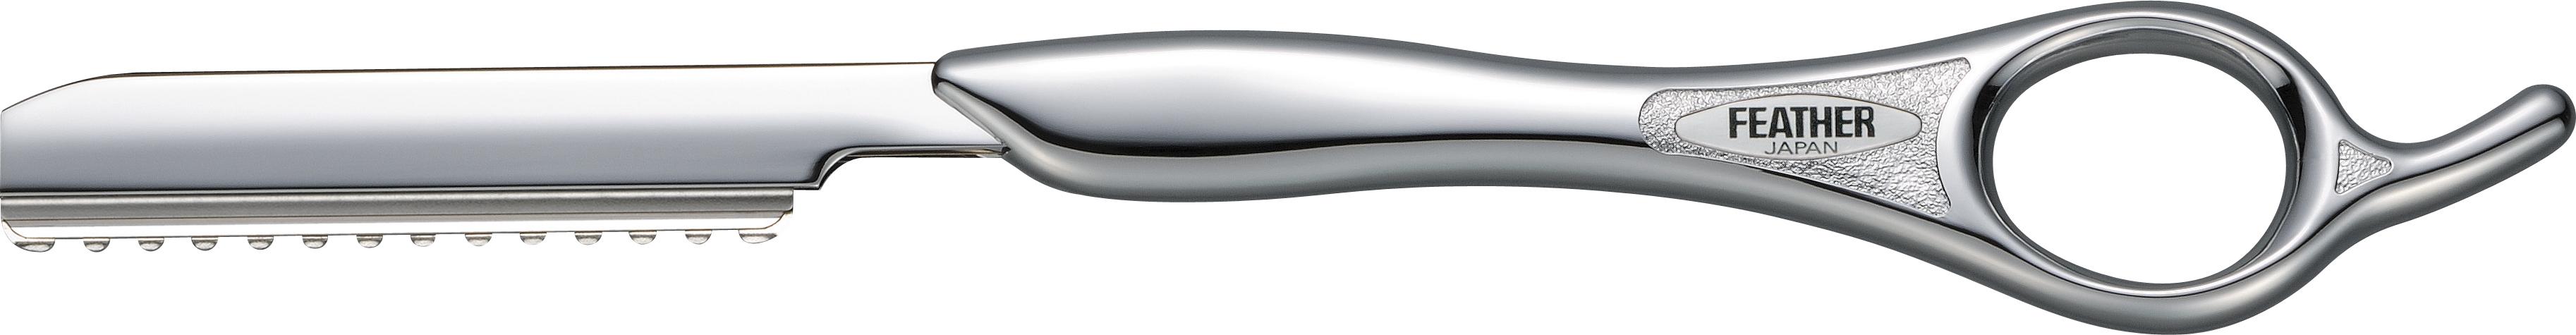 Feather Классическая филировочная бритва SR-S серебристая28032022Серия Styling Razor - это любимые бритвы для стрижки волос среди парикмахеров по всему миру. Благодаря тонкому наклонному срезу, который дает бритва, концы волос отлично падают по форме стрижки, создавая красивую текстуру.Для получения оптимального угла кромки каждое лезвие проходит тройную заточку. Лезвия не только остры, но и долговечны, благодаря своему двойному покрытию из платинового сплава и каучука. Платиновый сплав увеличивает долговечность лезвия, а каучуковое покрытие снижает трение.